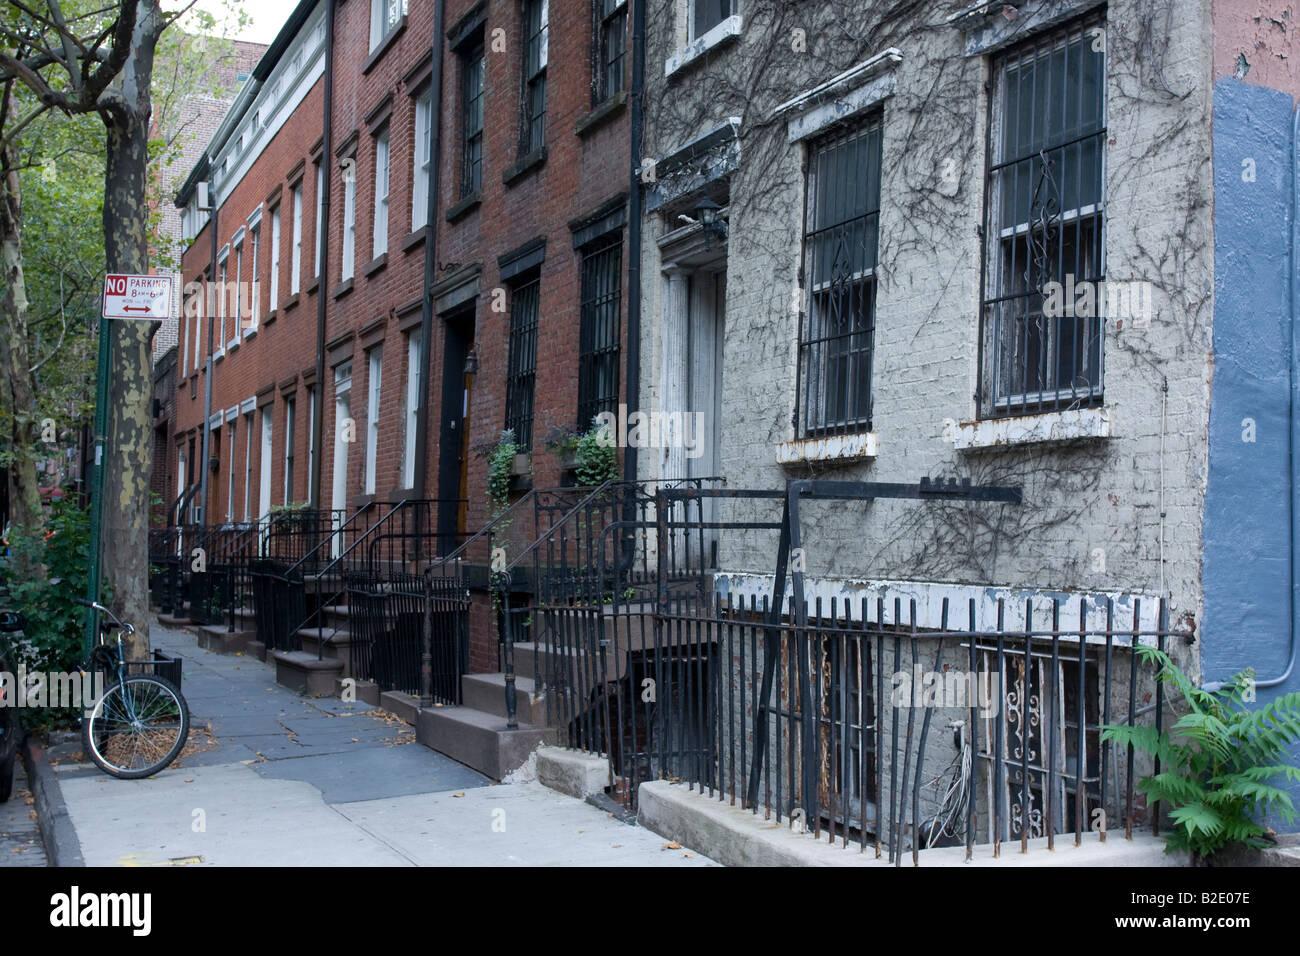 Gebäude auf einer von Bäumen gesäumten Straße in Tribeca, Manhattan. New York City Stockbild